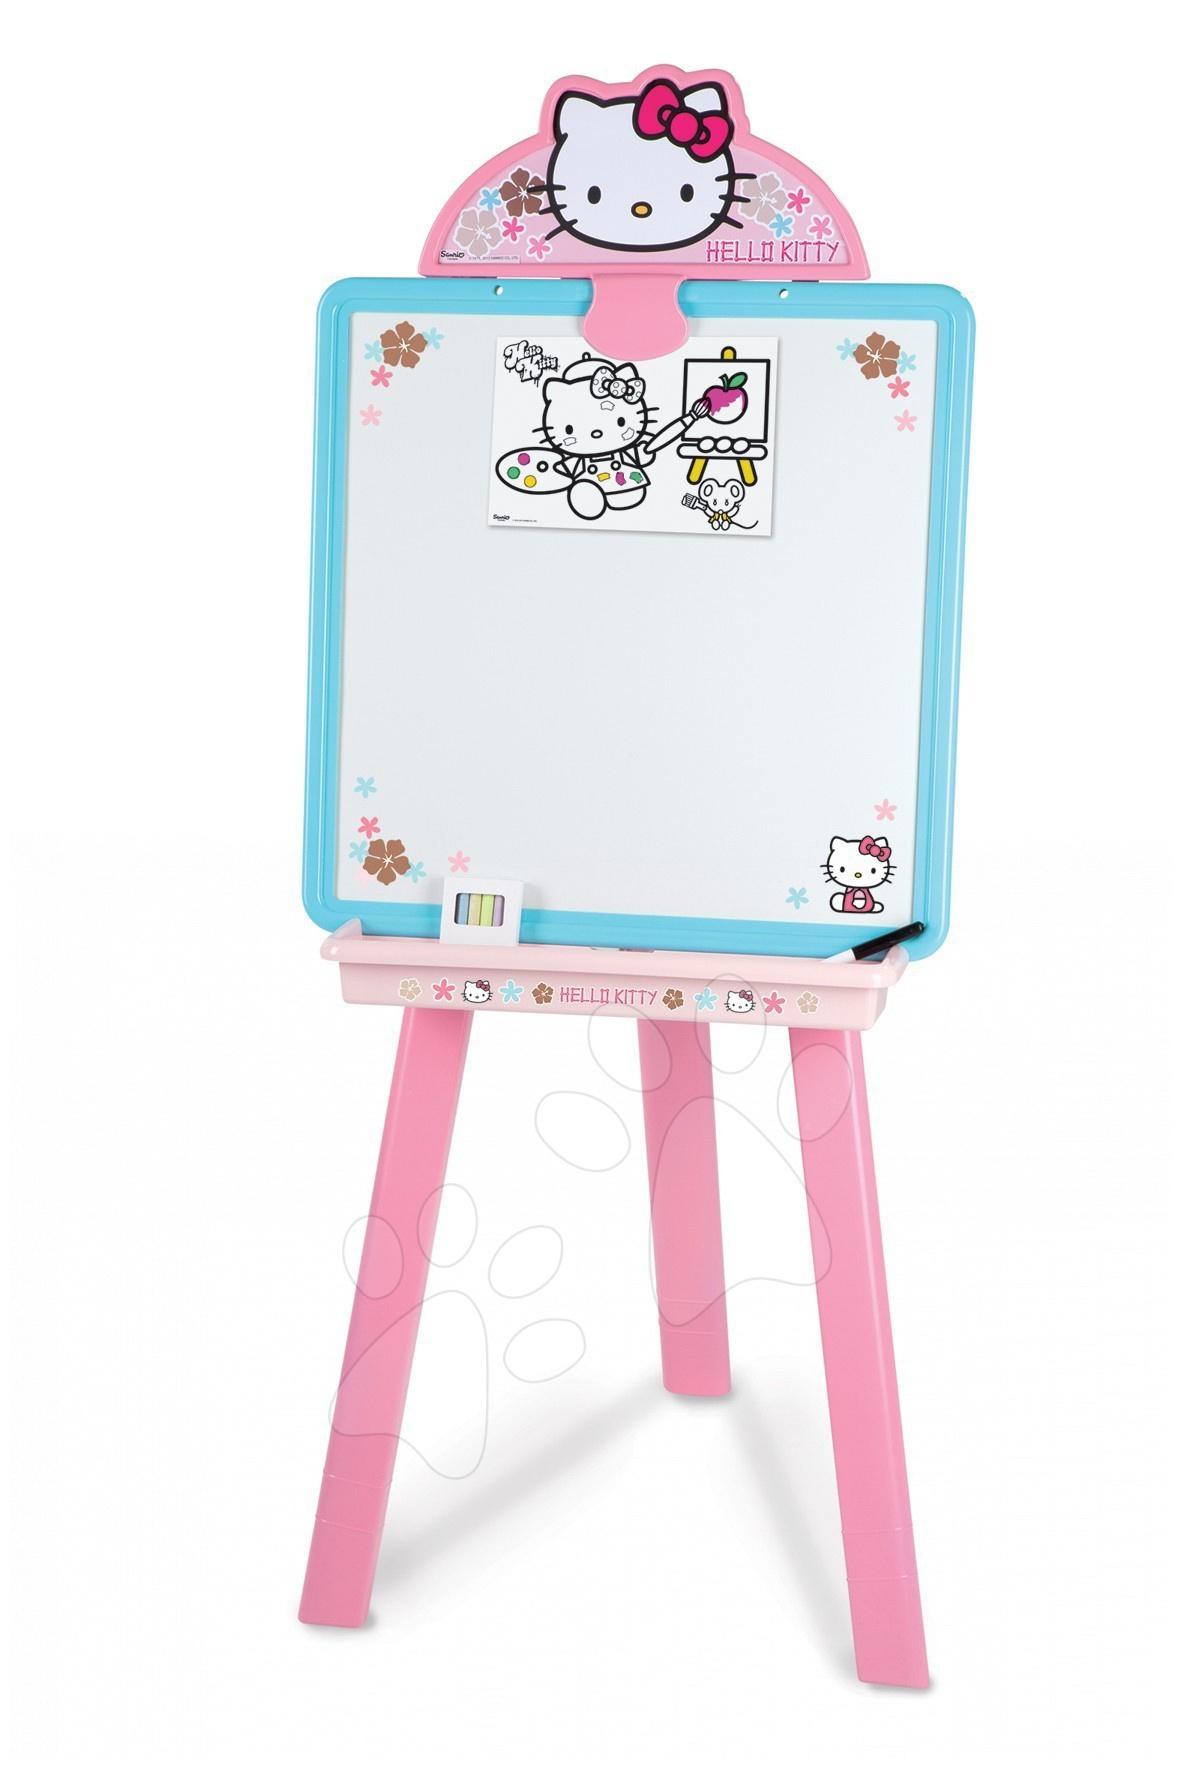 Oboustranná tabule Hello Kitty 2v1 Smoby s 18 doplňky růžovo-modrá